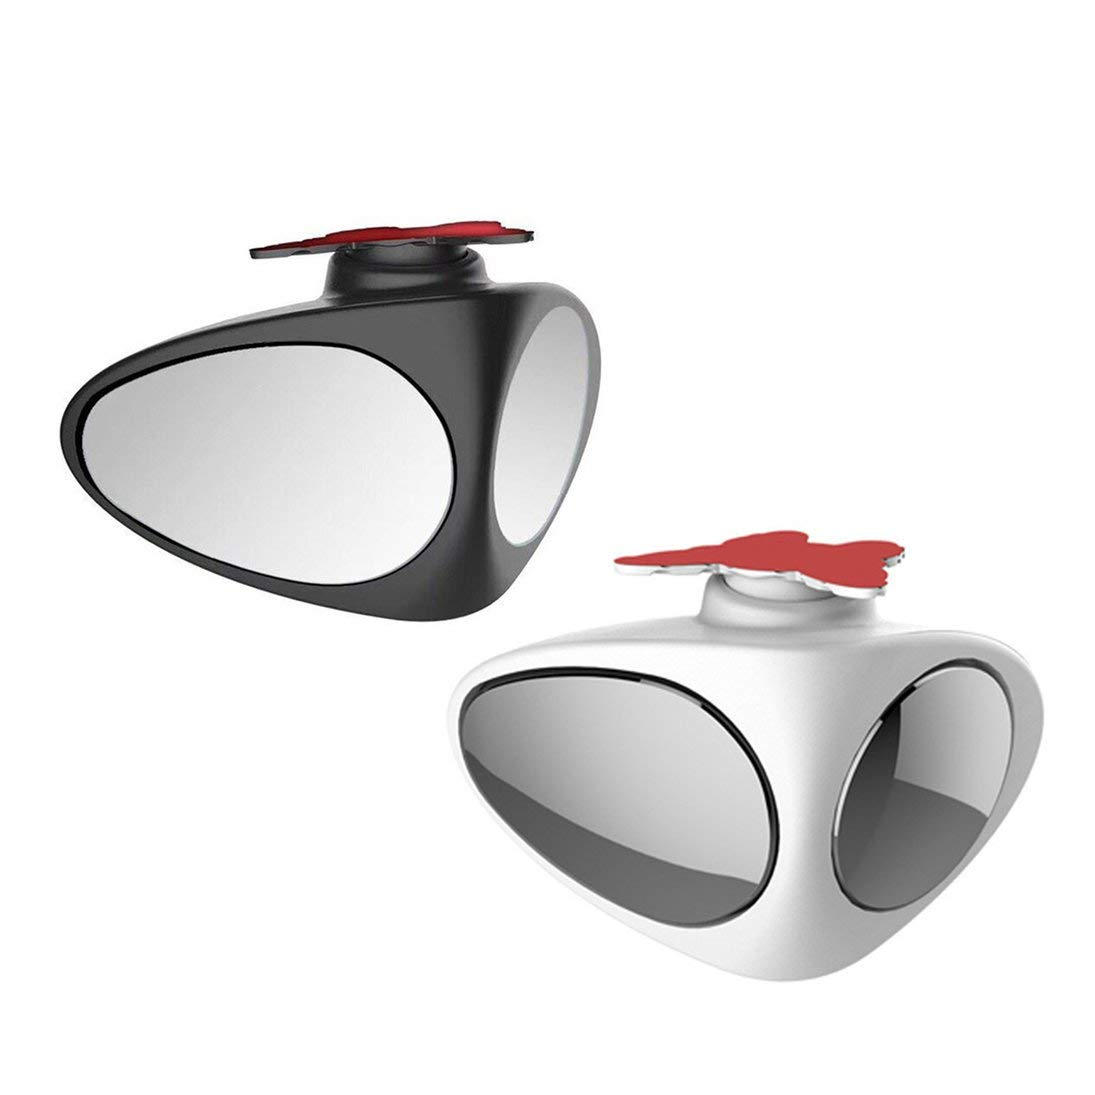 Togames-FR Car Blind Spot Miroir Miroir Grand Angle 360 Rotation r/églable Convex Vue arri/ère R/étroviseur Roue Avant Miroir Voiture